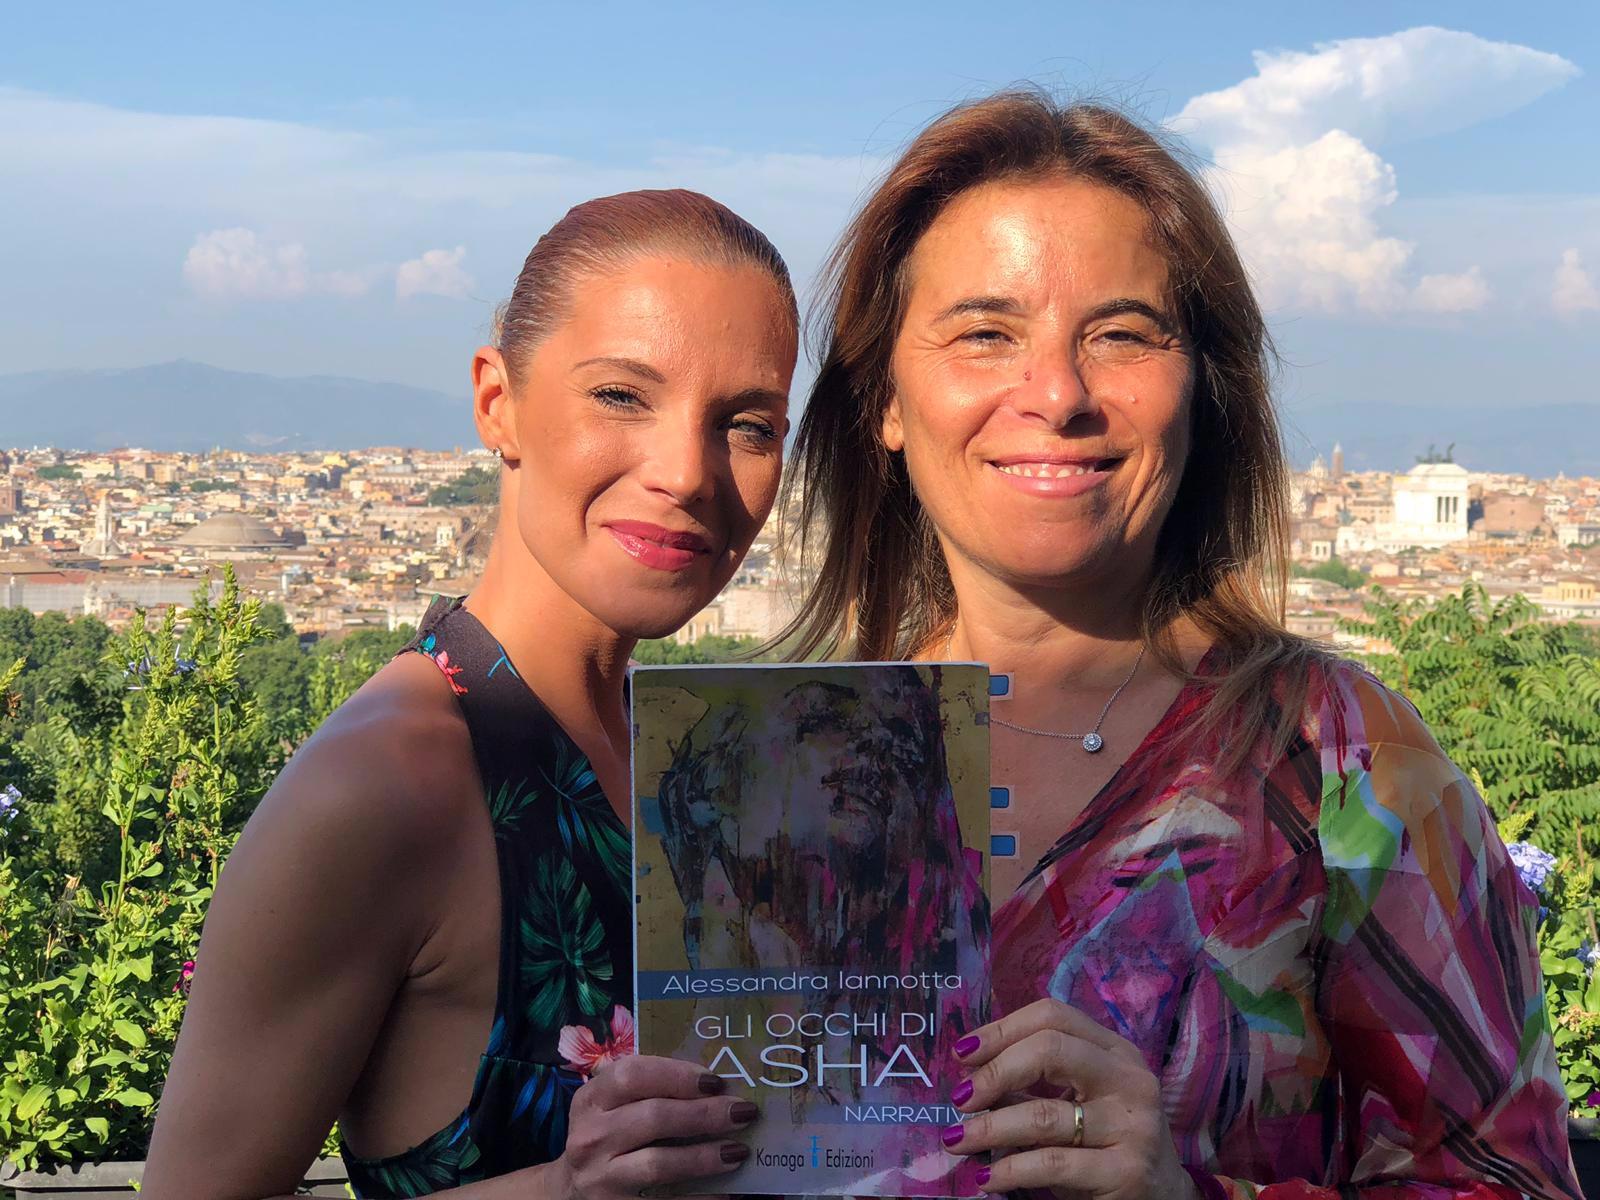 Alessandra Iannotta e la sua Asha per vivere come giusto che sia - Lunedì 5 agosto a Sezze (LT)